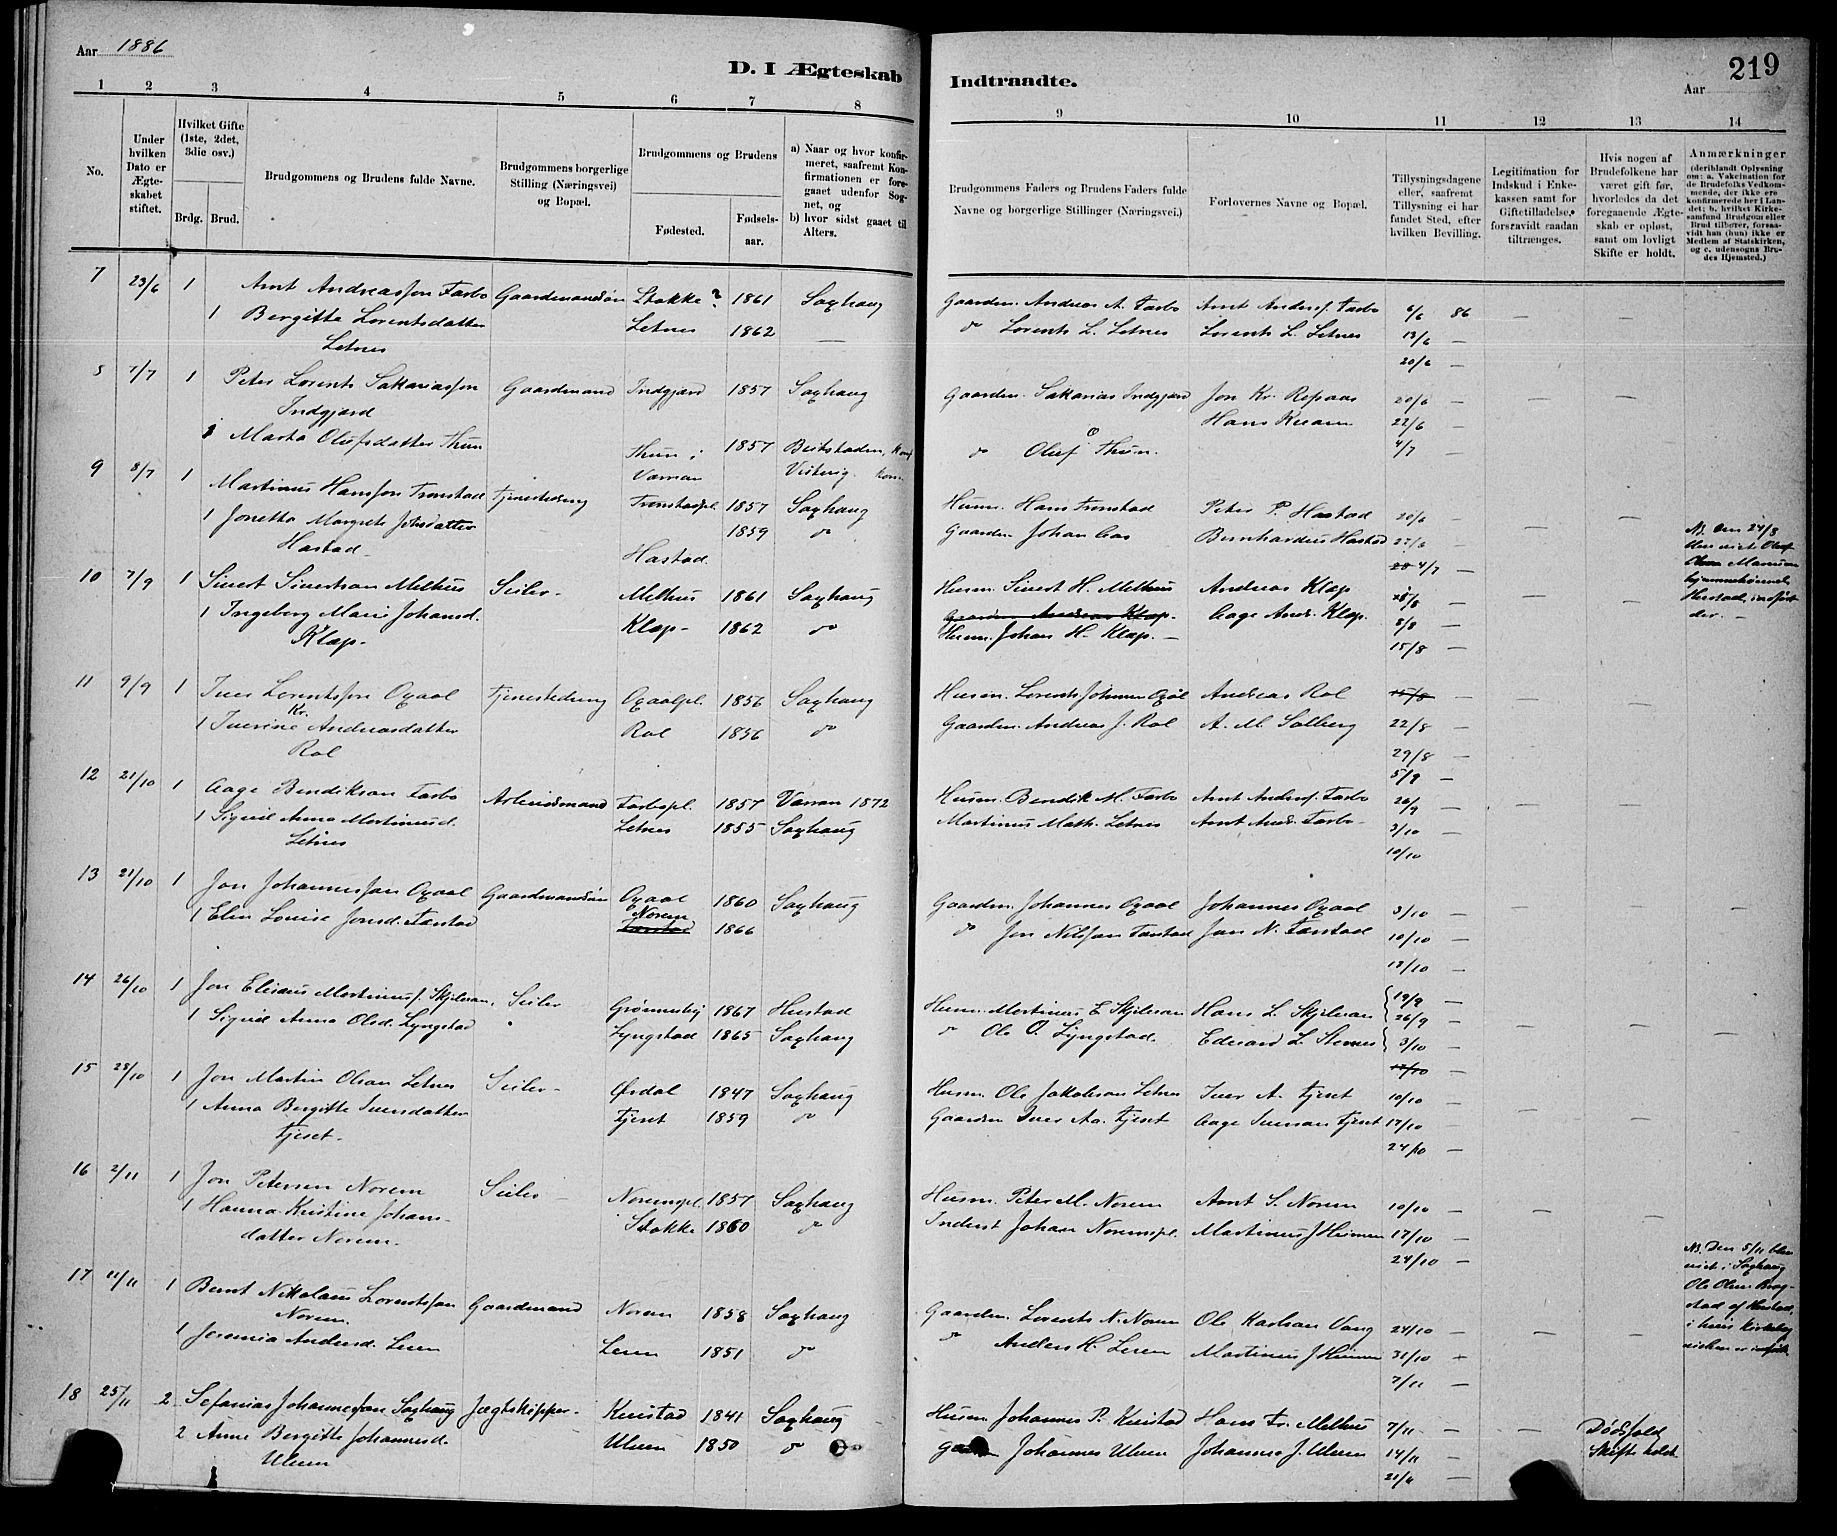 SAT, Ministerialprotokoller, klokkerbøker og fødselsregistre - Nord-Trøndelag, 730/L0301: Klokkerbok nr. 730C04, 1880-1897, s. 219